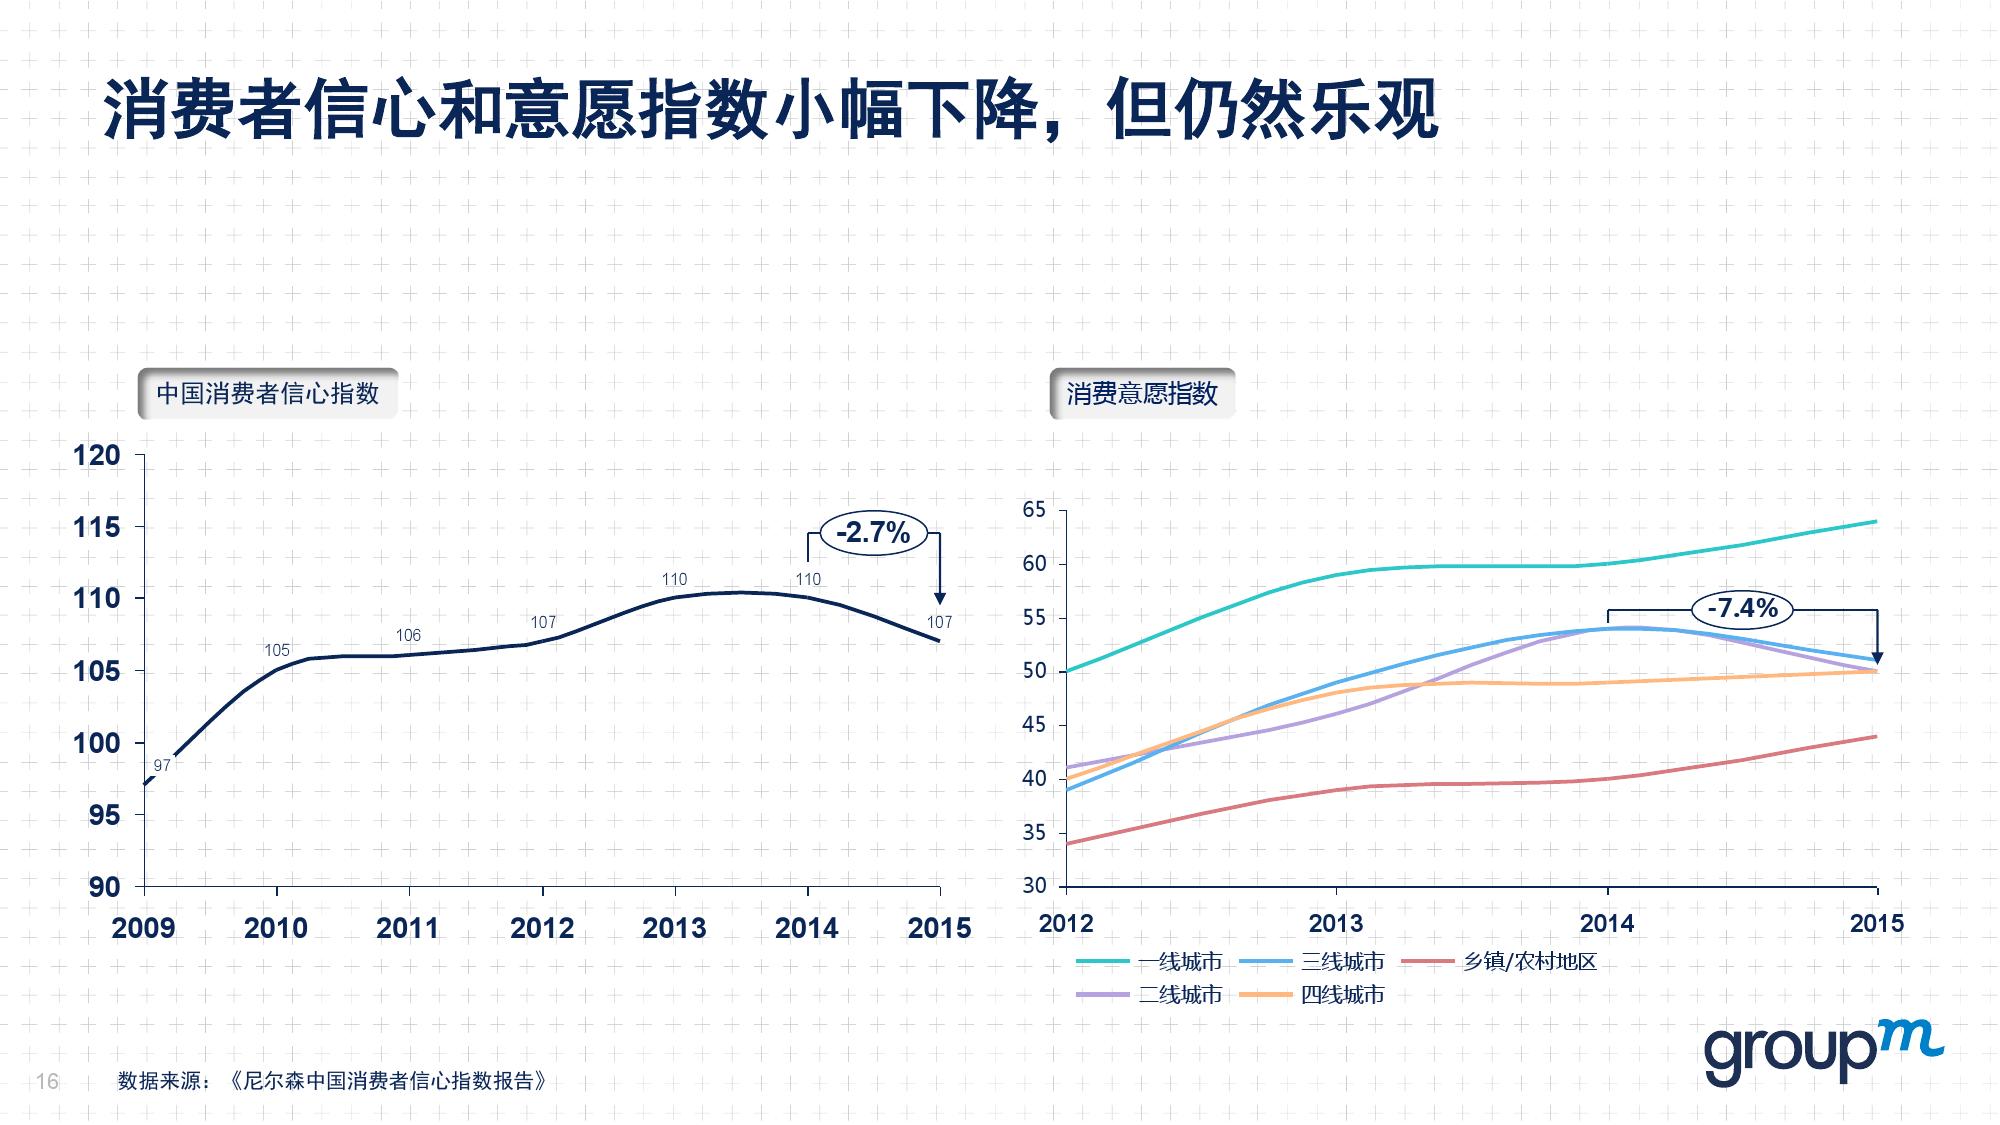 赢在中国2016:从需求刺激转向供给侧改革_000016